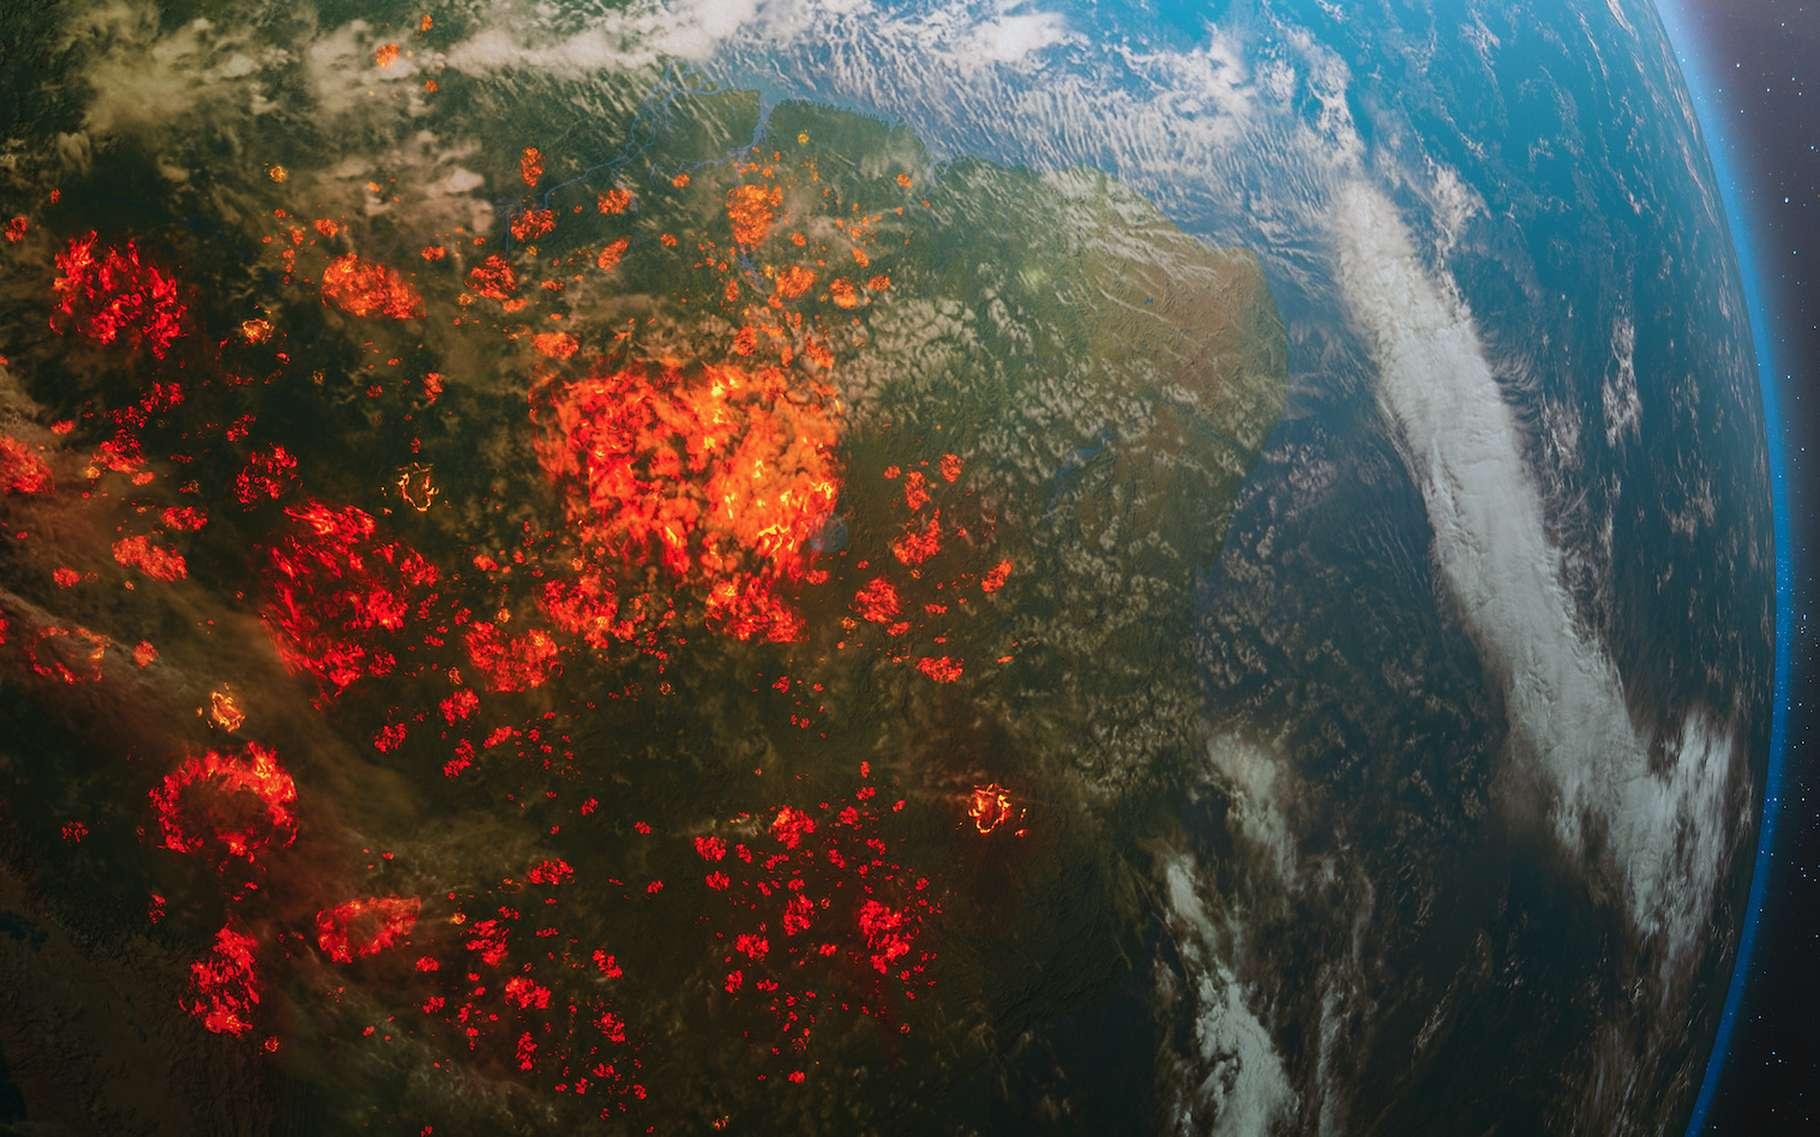 Avec le réchauffement climatique, partout sur notre Planète, les feux de forêt deviendront plus fréquents et plus intenses. © OSORIOartist, Adobe Stock